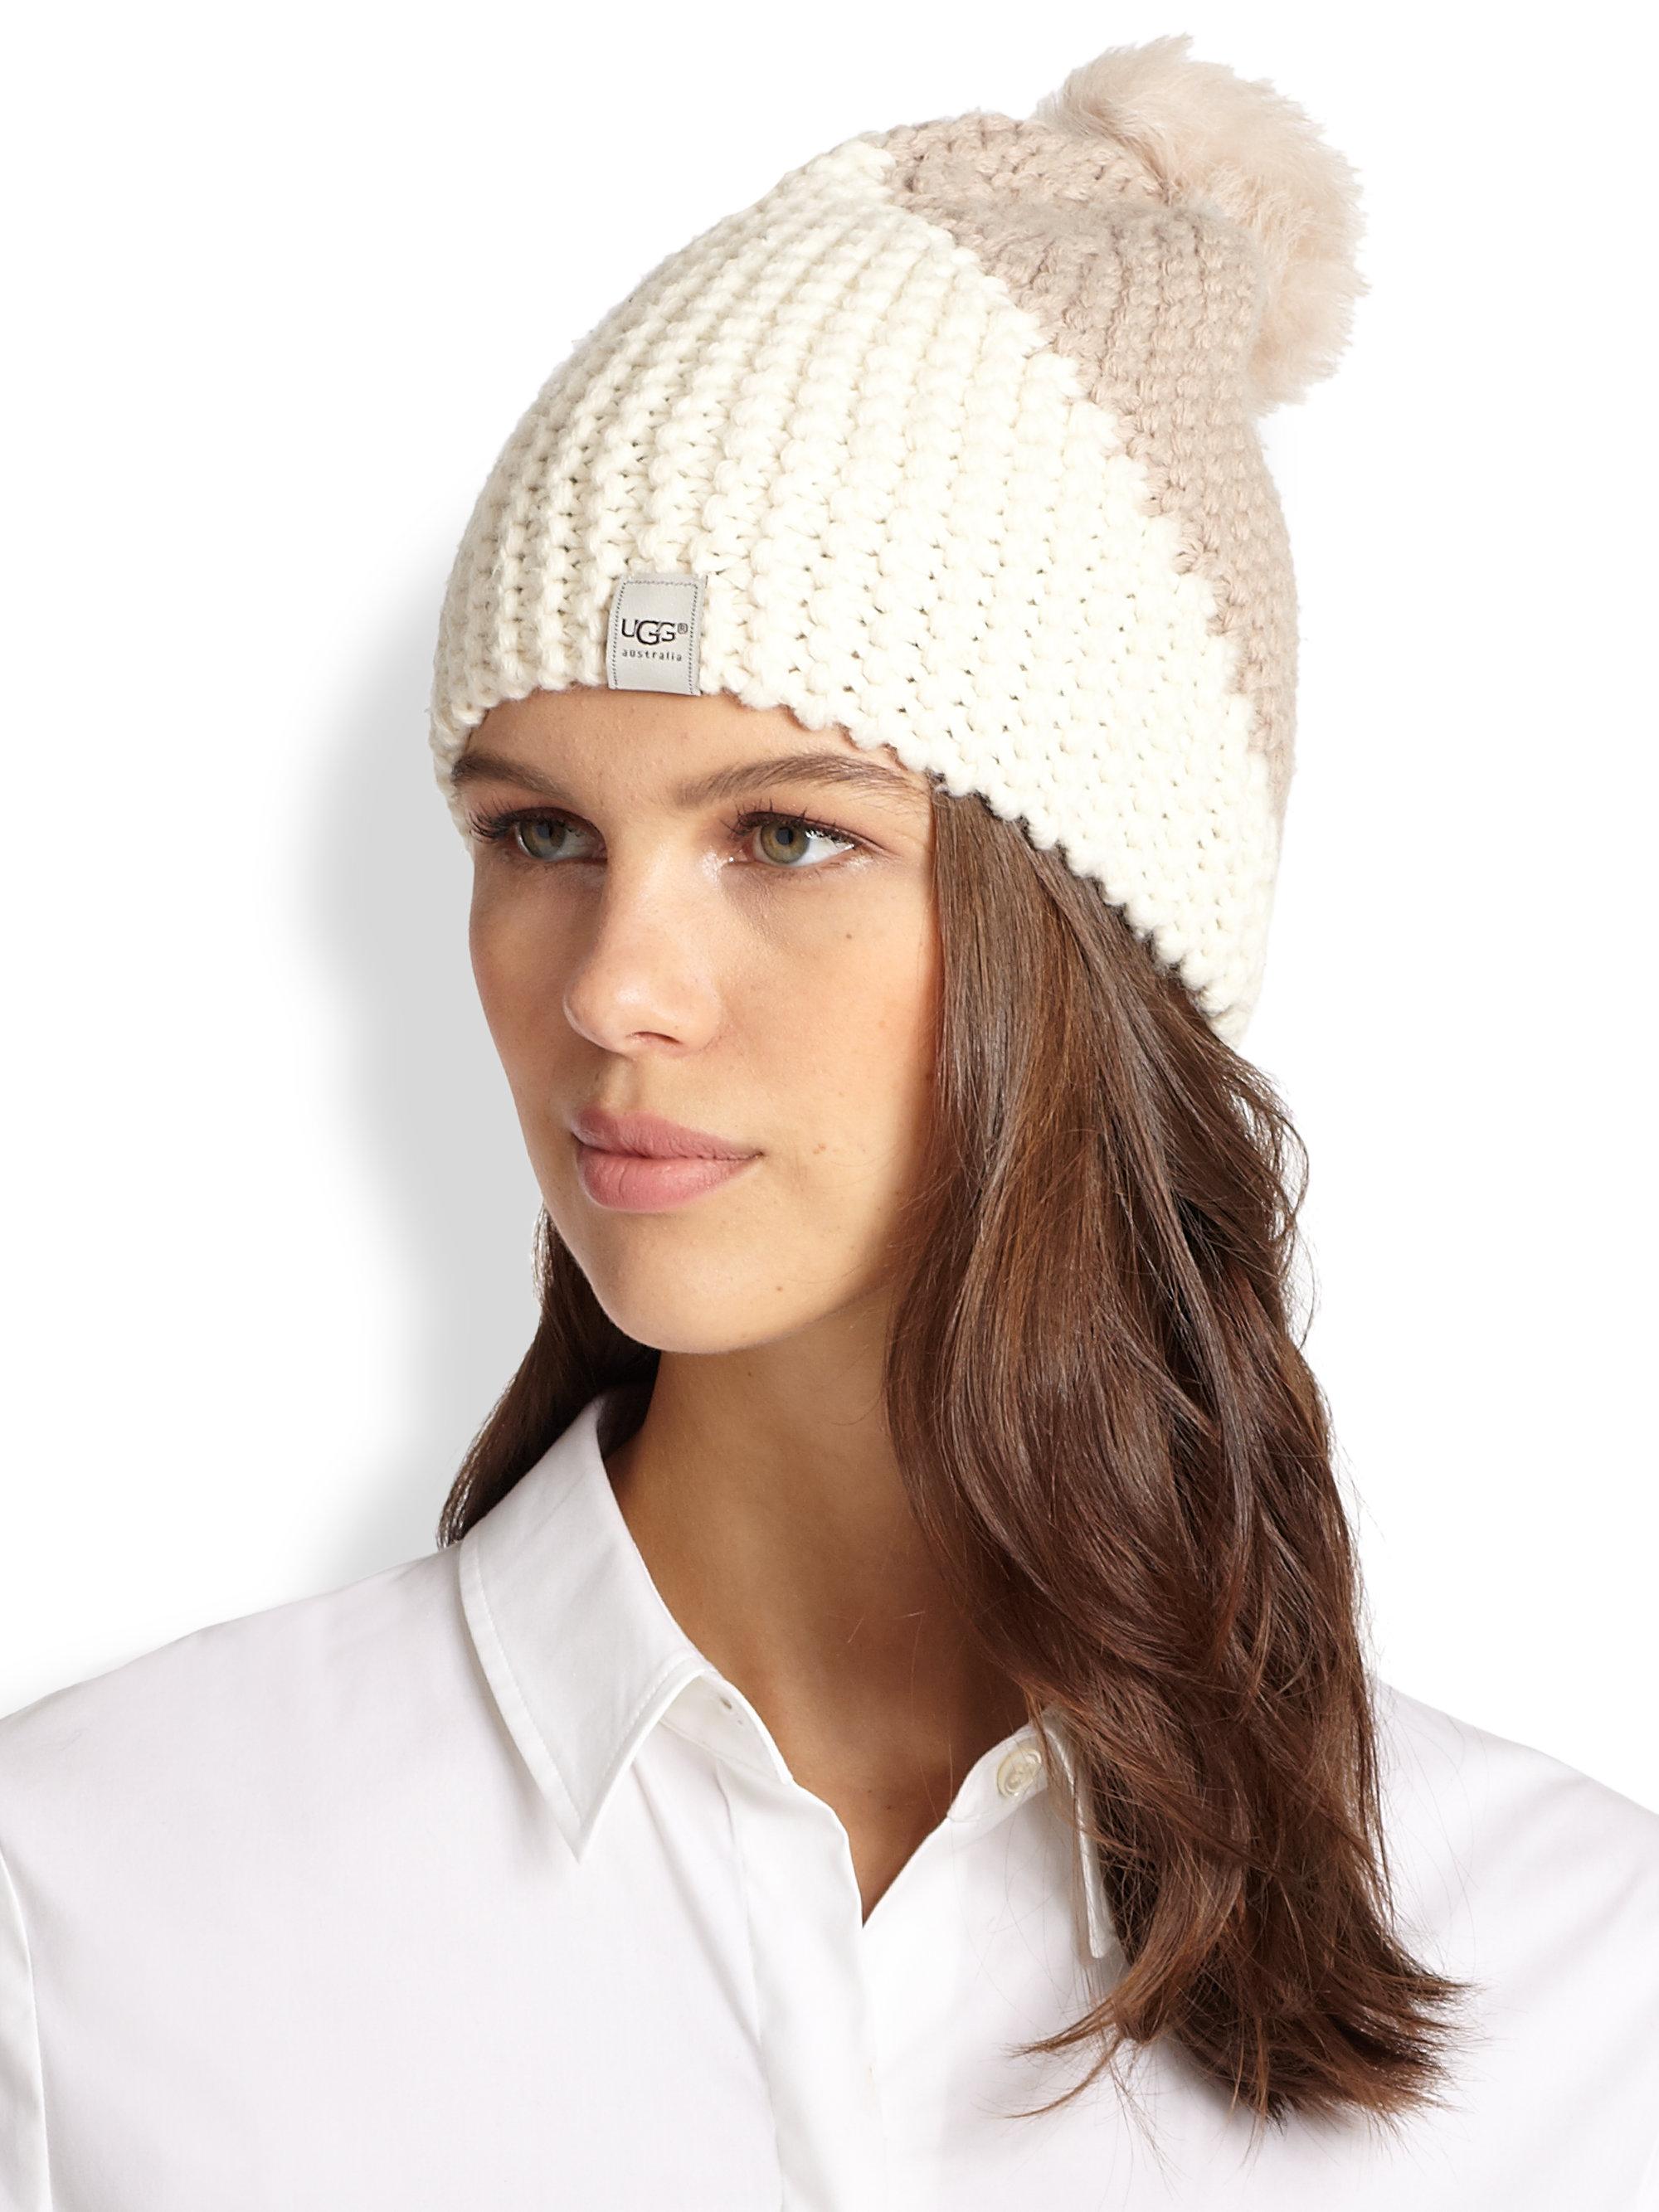 ebaf5fd24b6 UGG Knit Hat